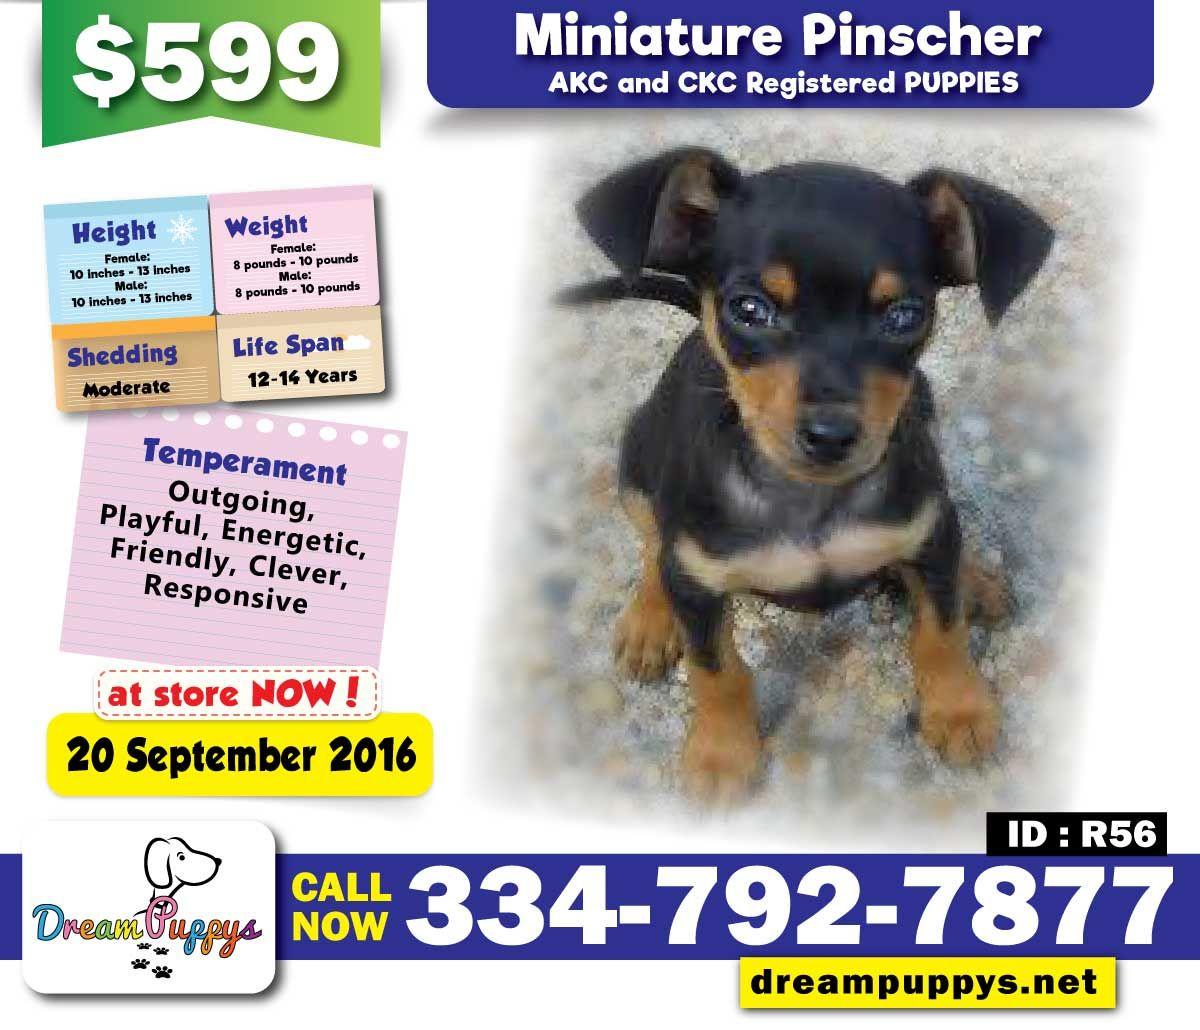 Miniature Pinscher Puppies Id R56 20 September 2016